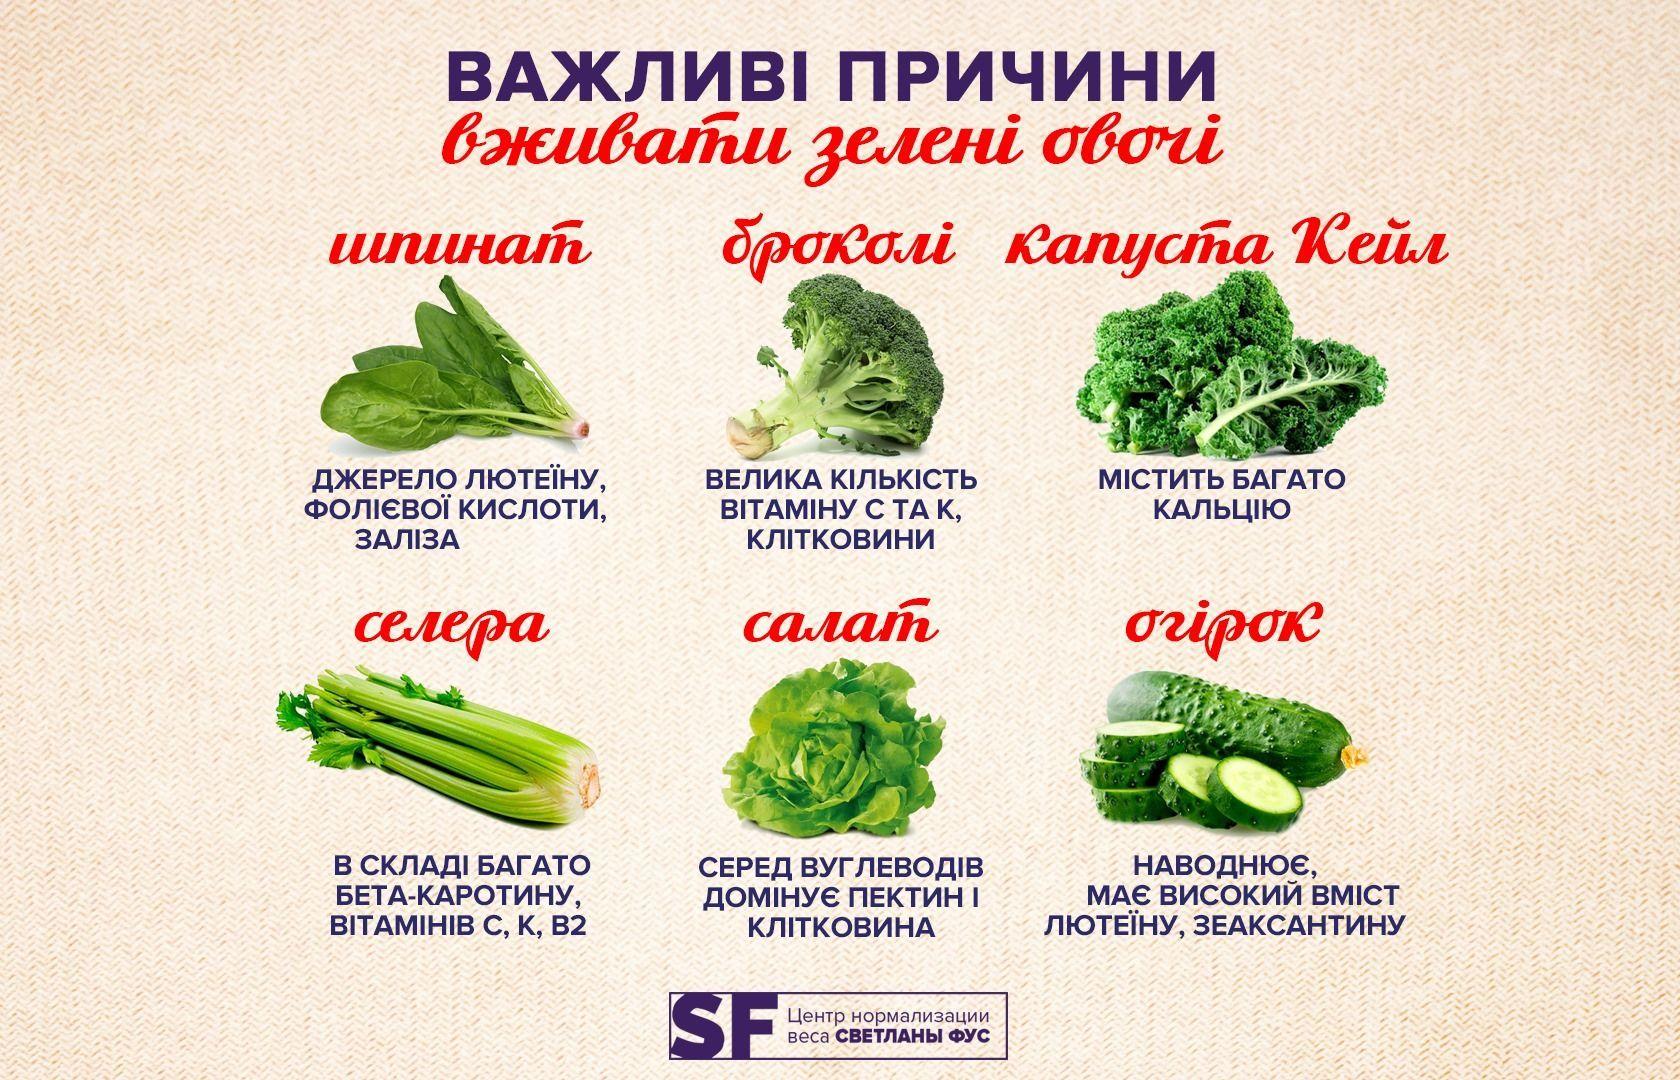 Чому потрібно вживати зелень